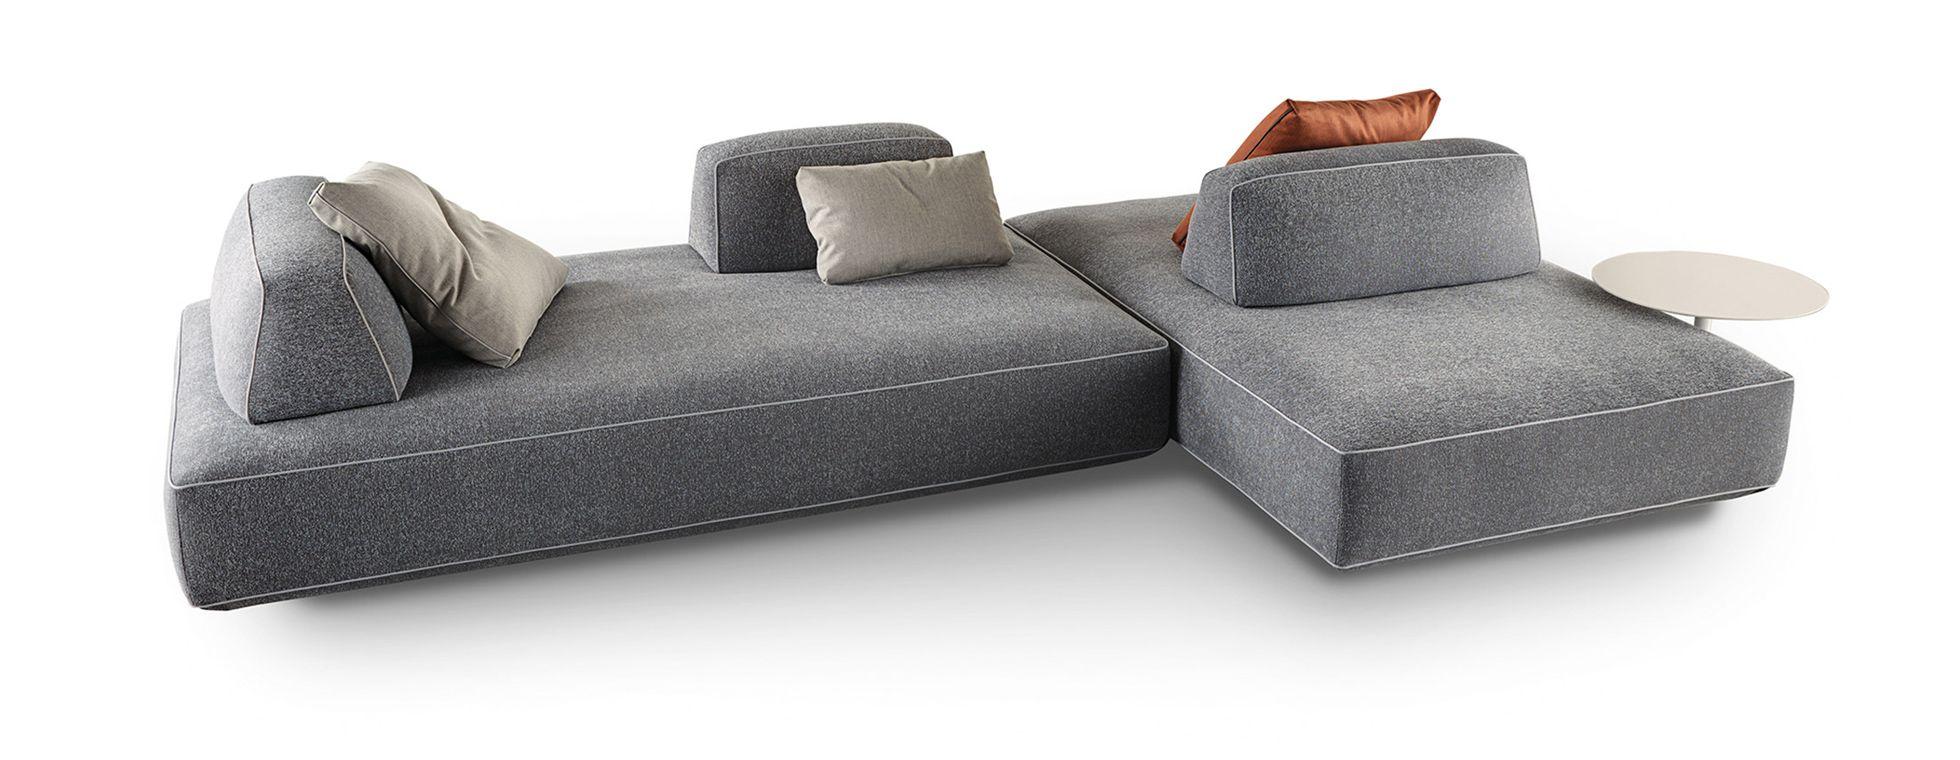 Art nova divano modulare divani e mobili for Divano con isola